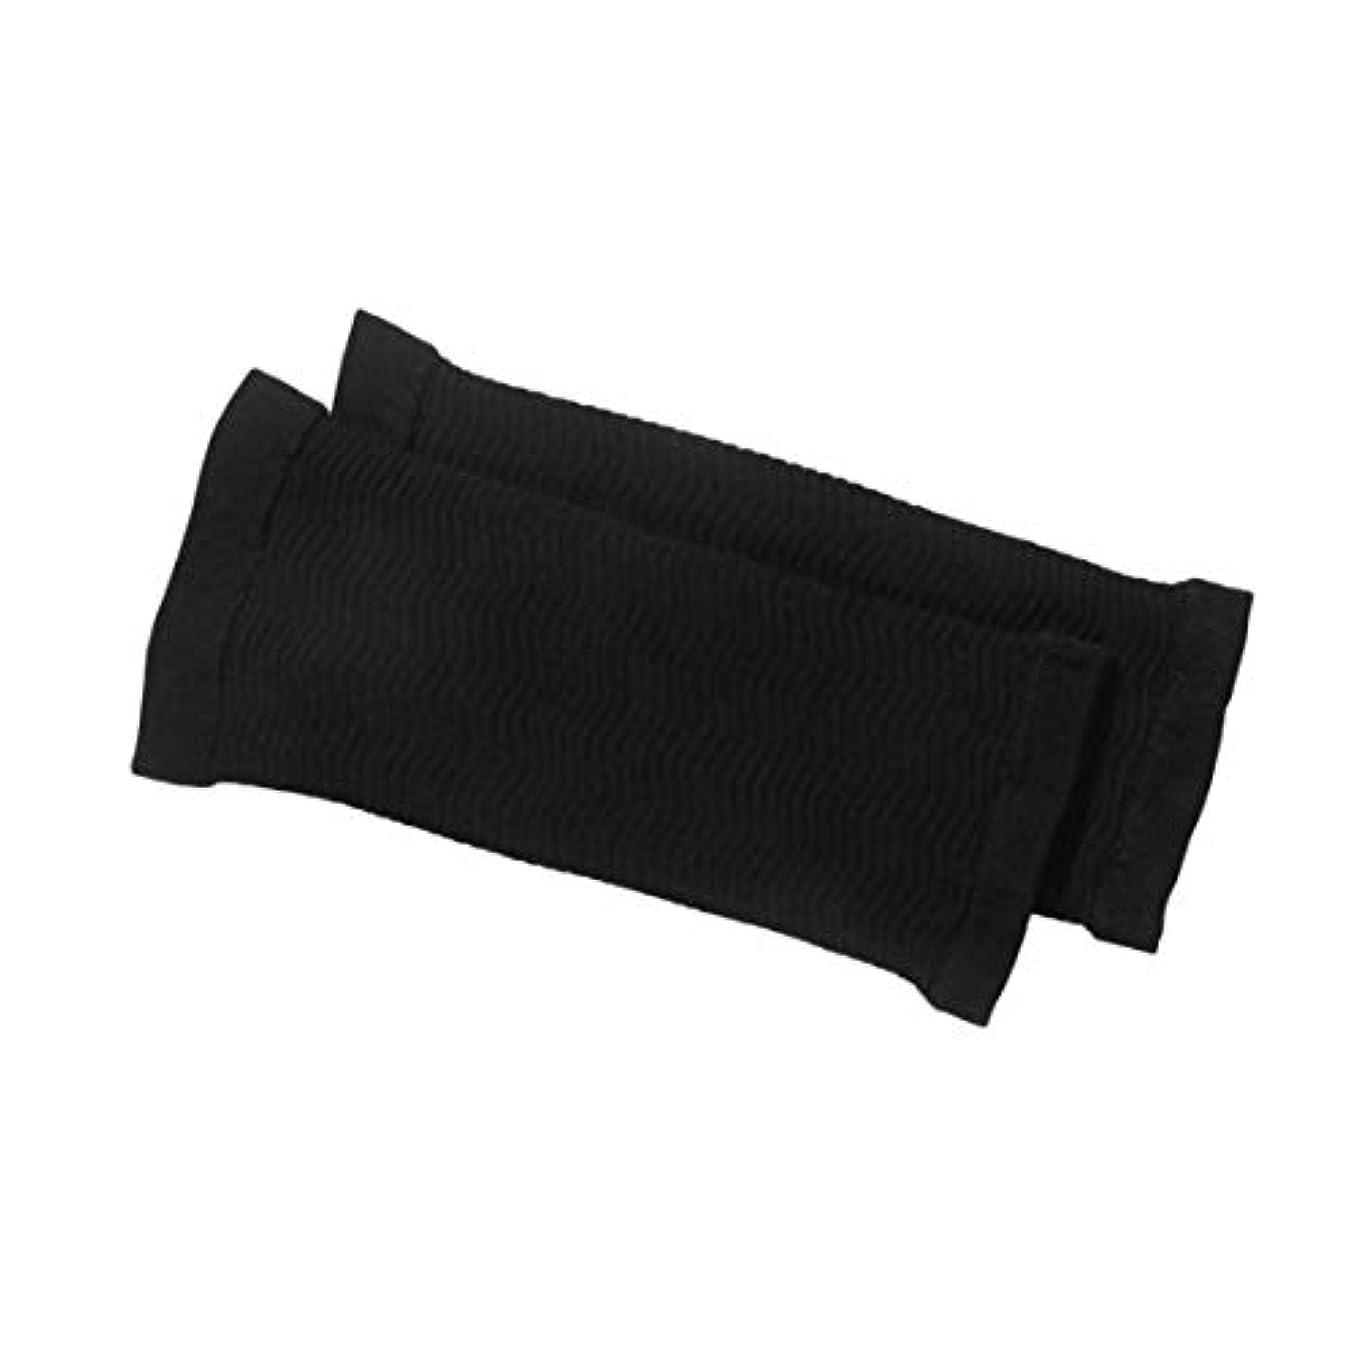 馬鹿インスタンスレシピ1ペア420 D圧縮痩身アームスリーブワークアウトトーニングバーンセルライトシェイパー脂肪燃焼袖用女性 - 黒